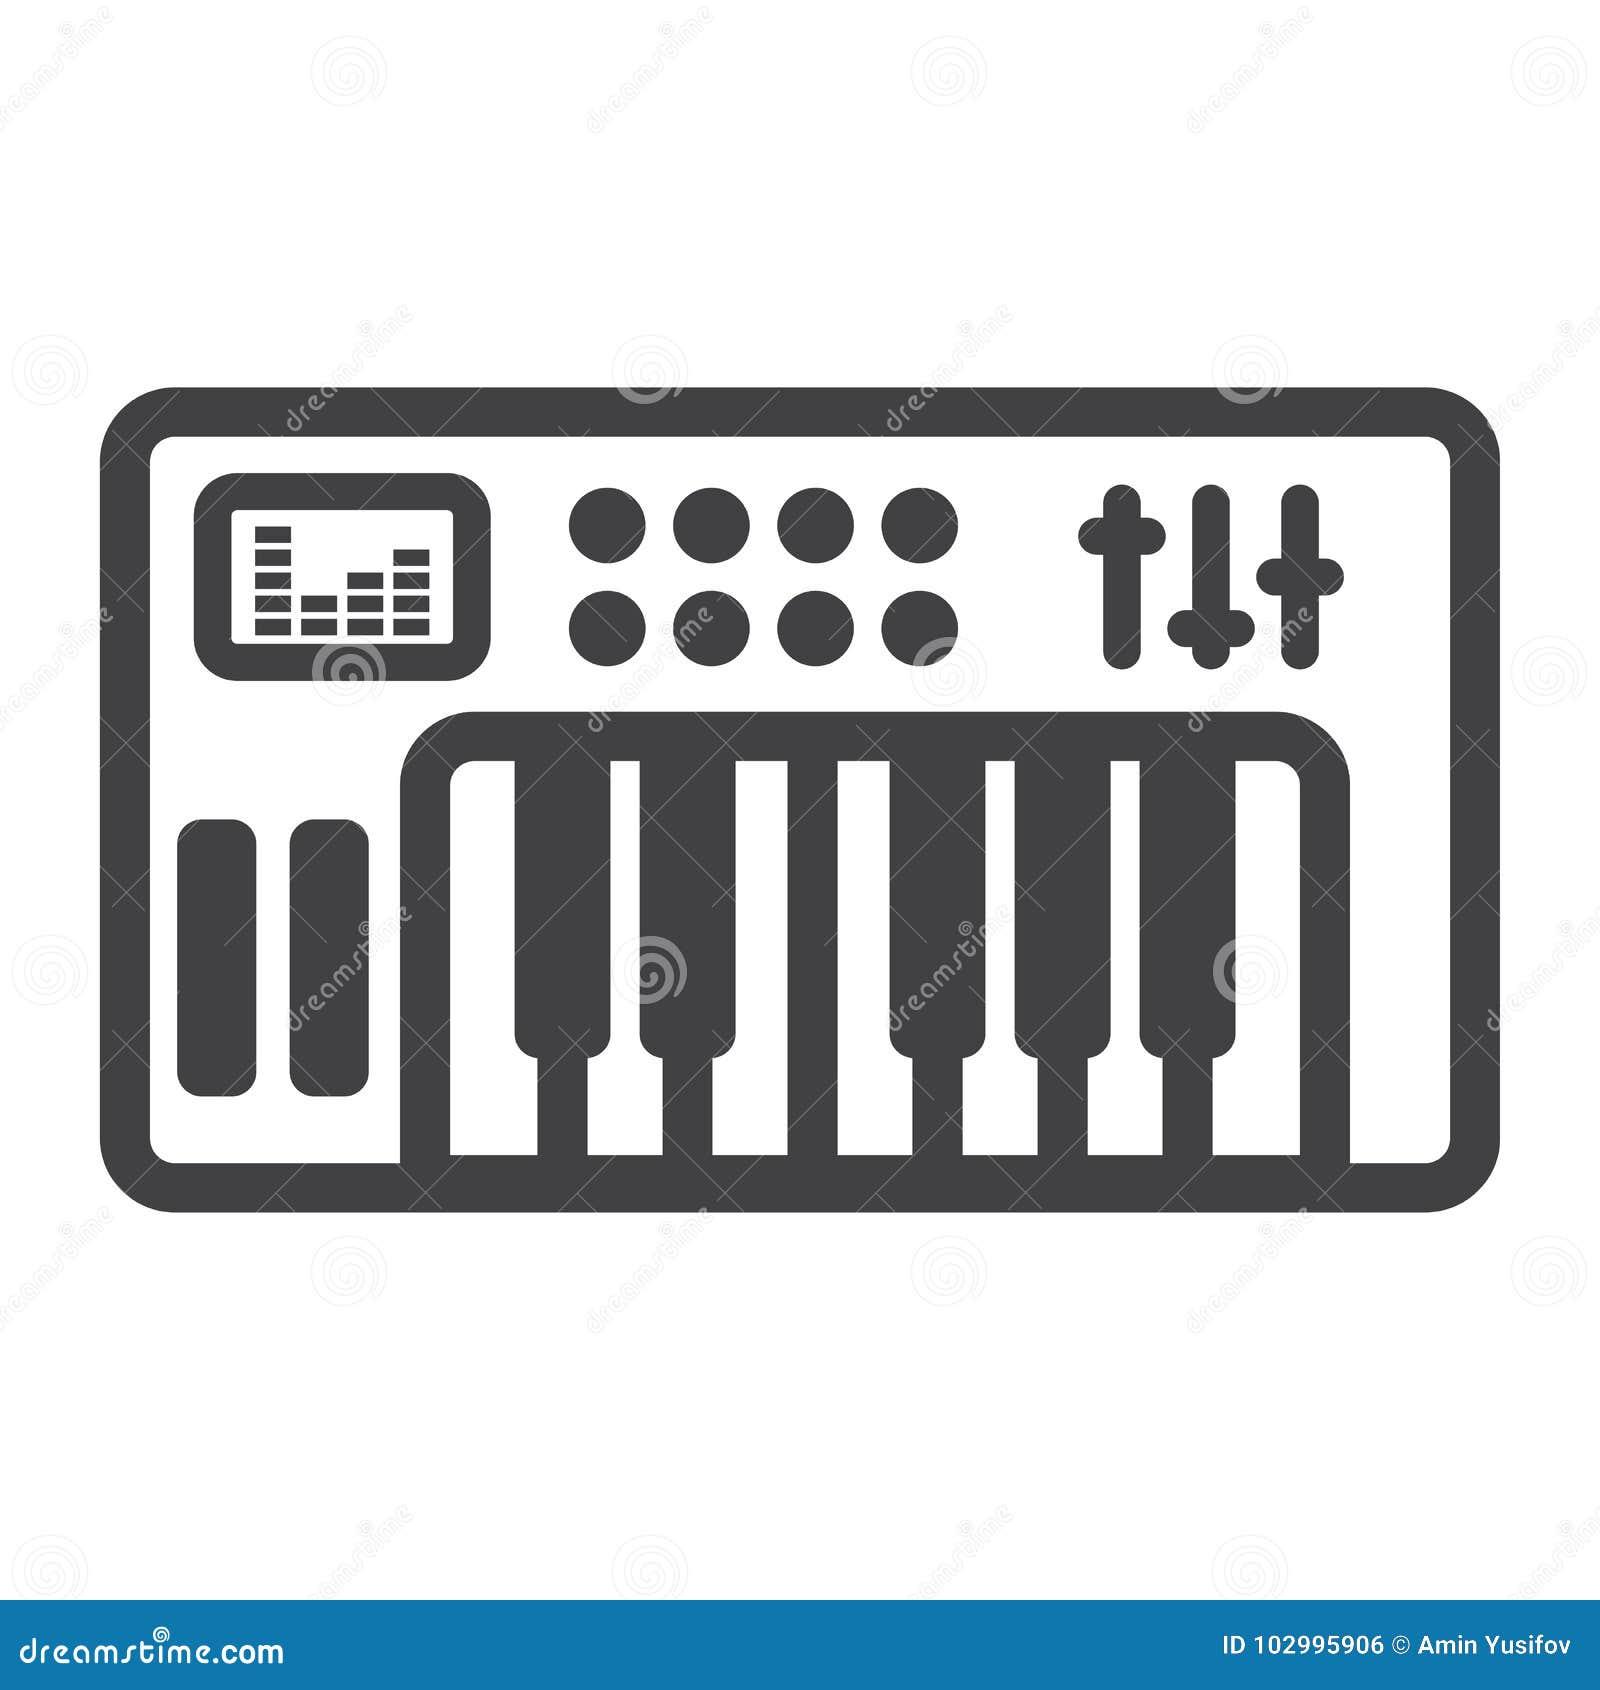 Analoge synthesizerlinie Ikone, Musik und Instrument